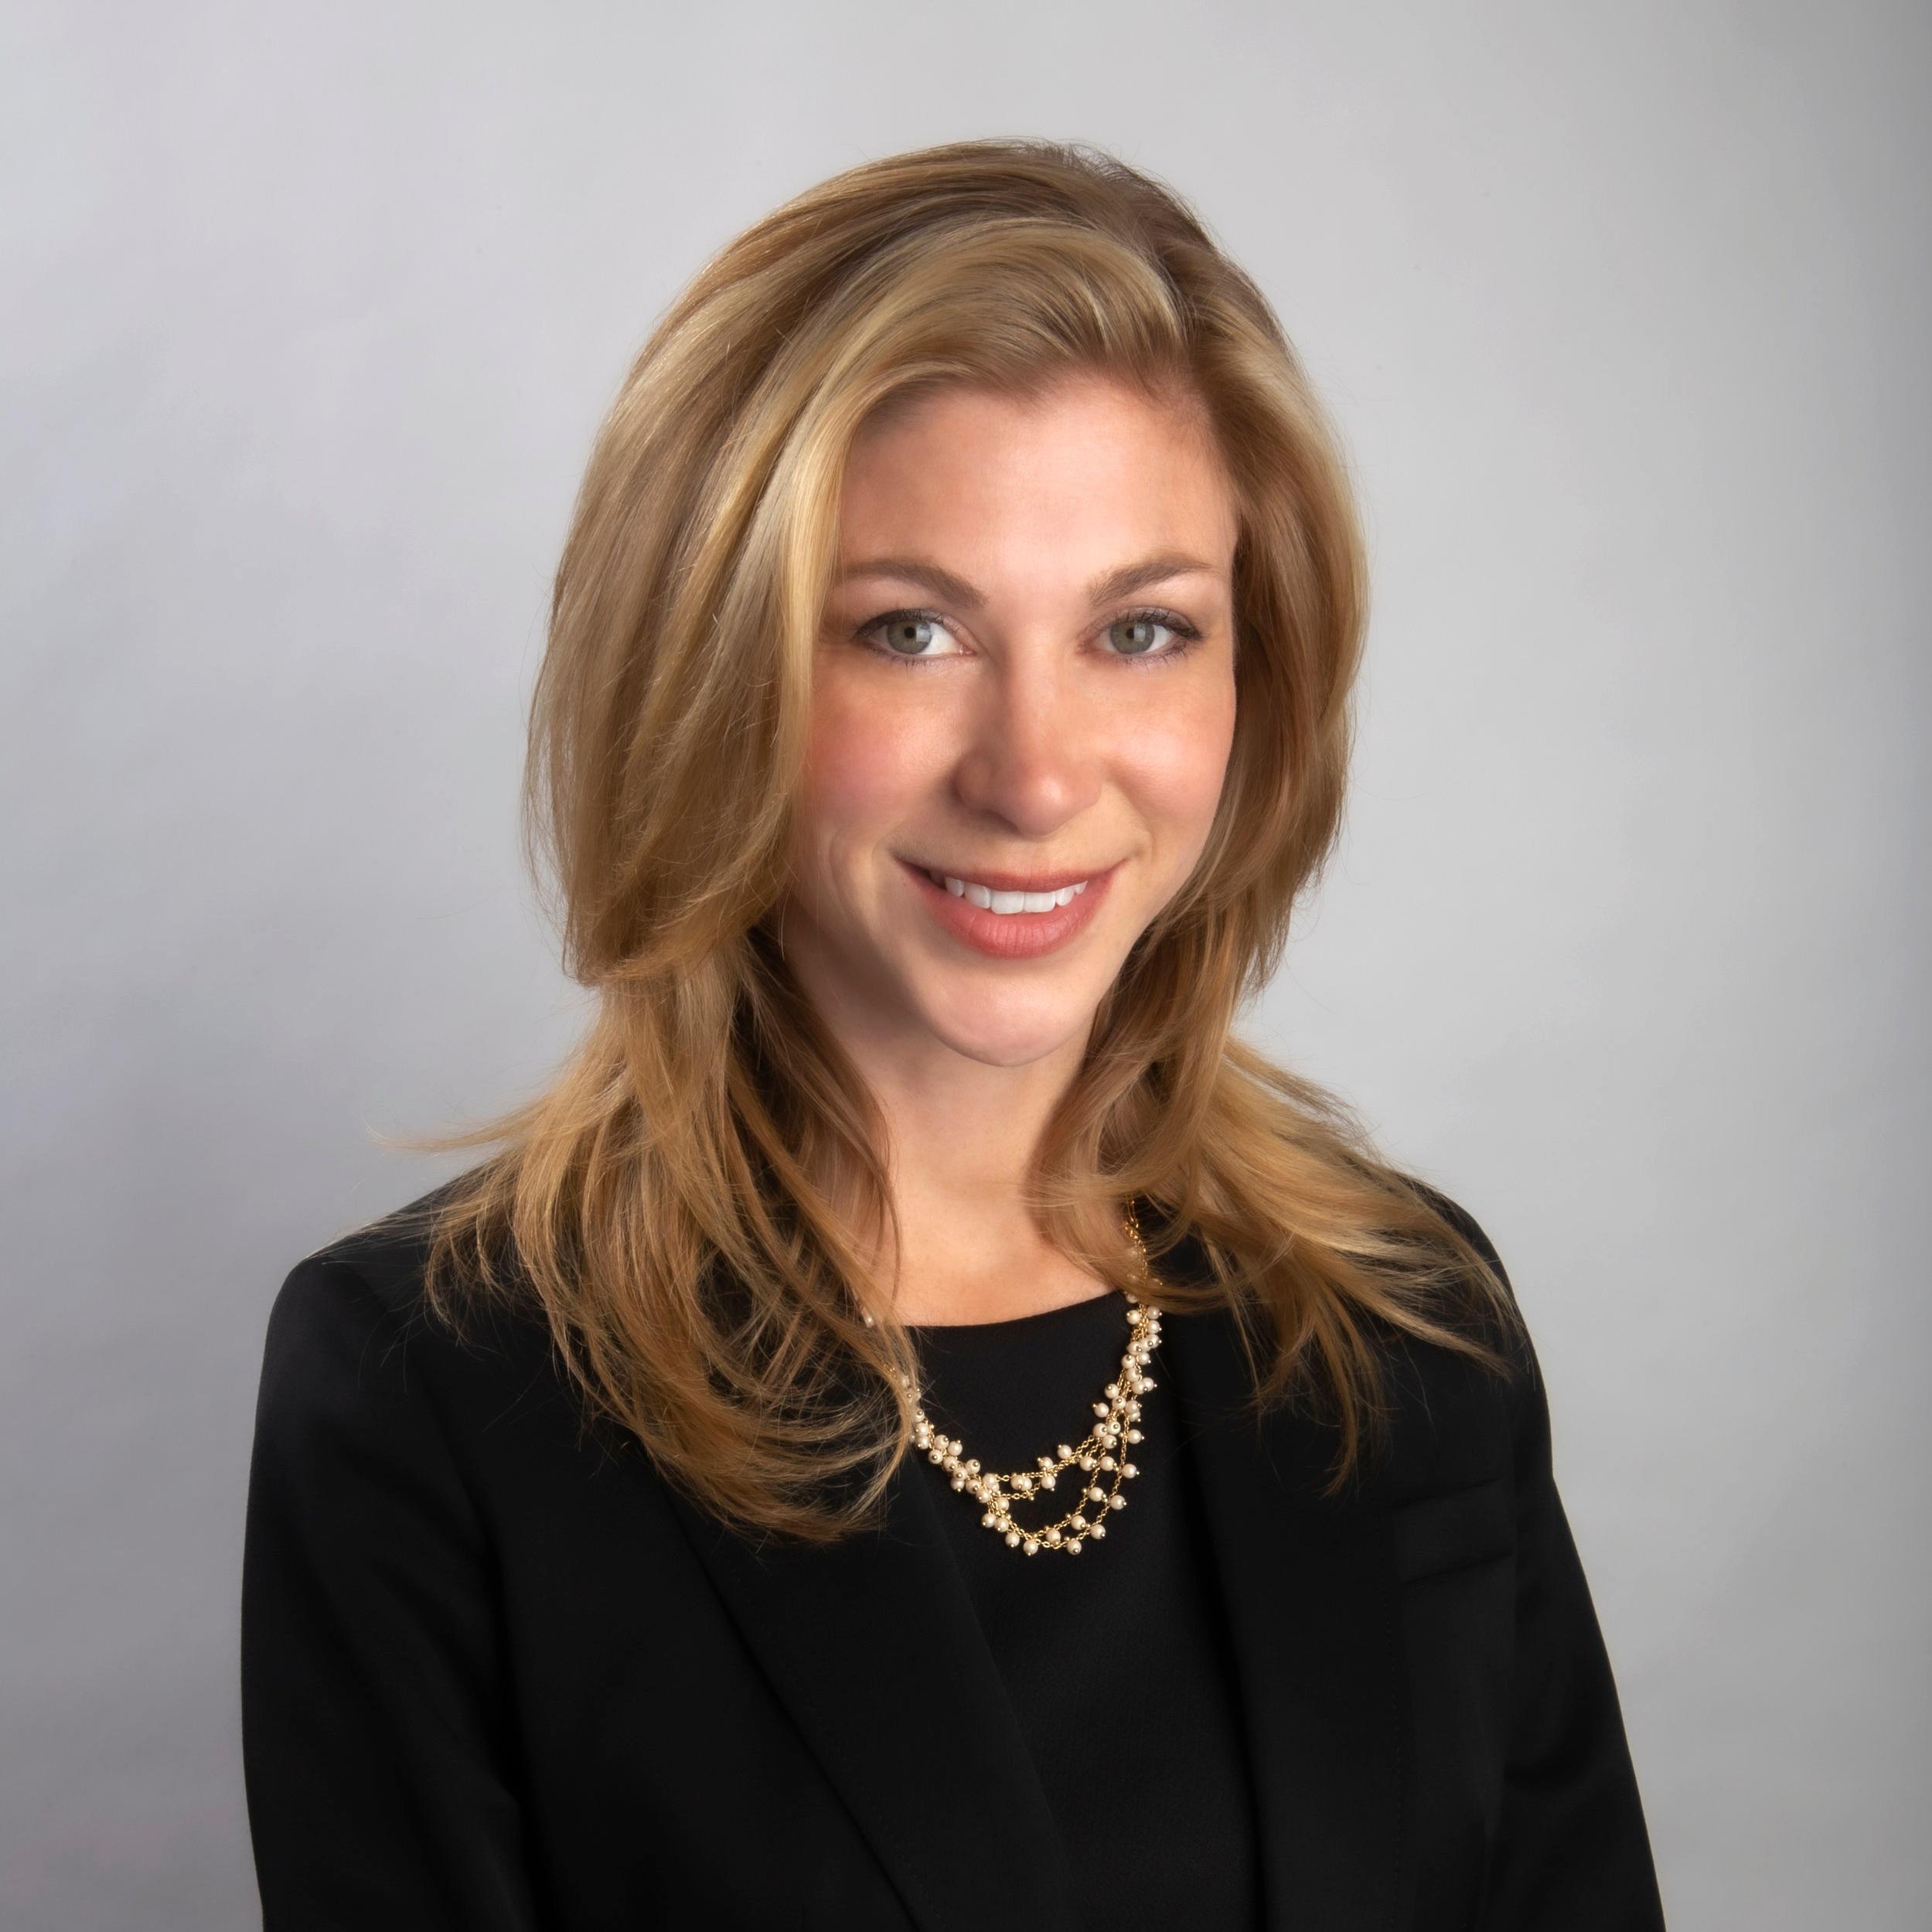 Jennifer H. Sitterley, Certified Elder Law Attorney